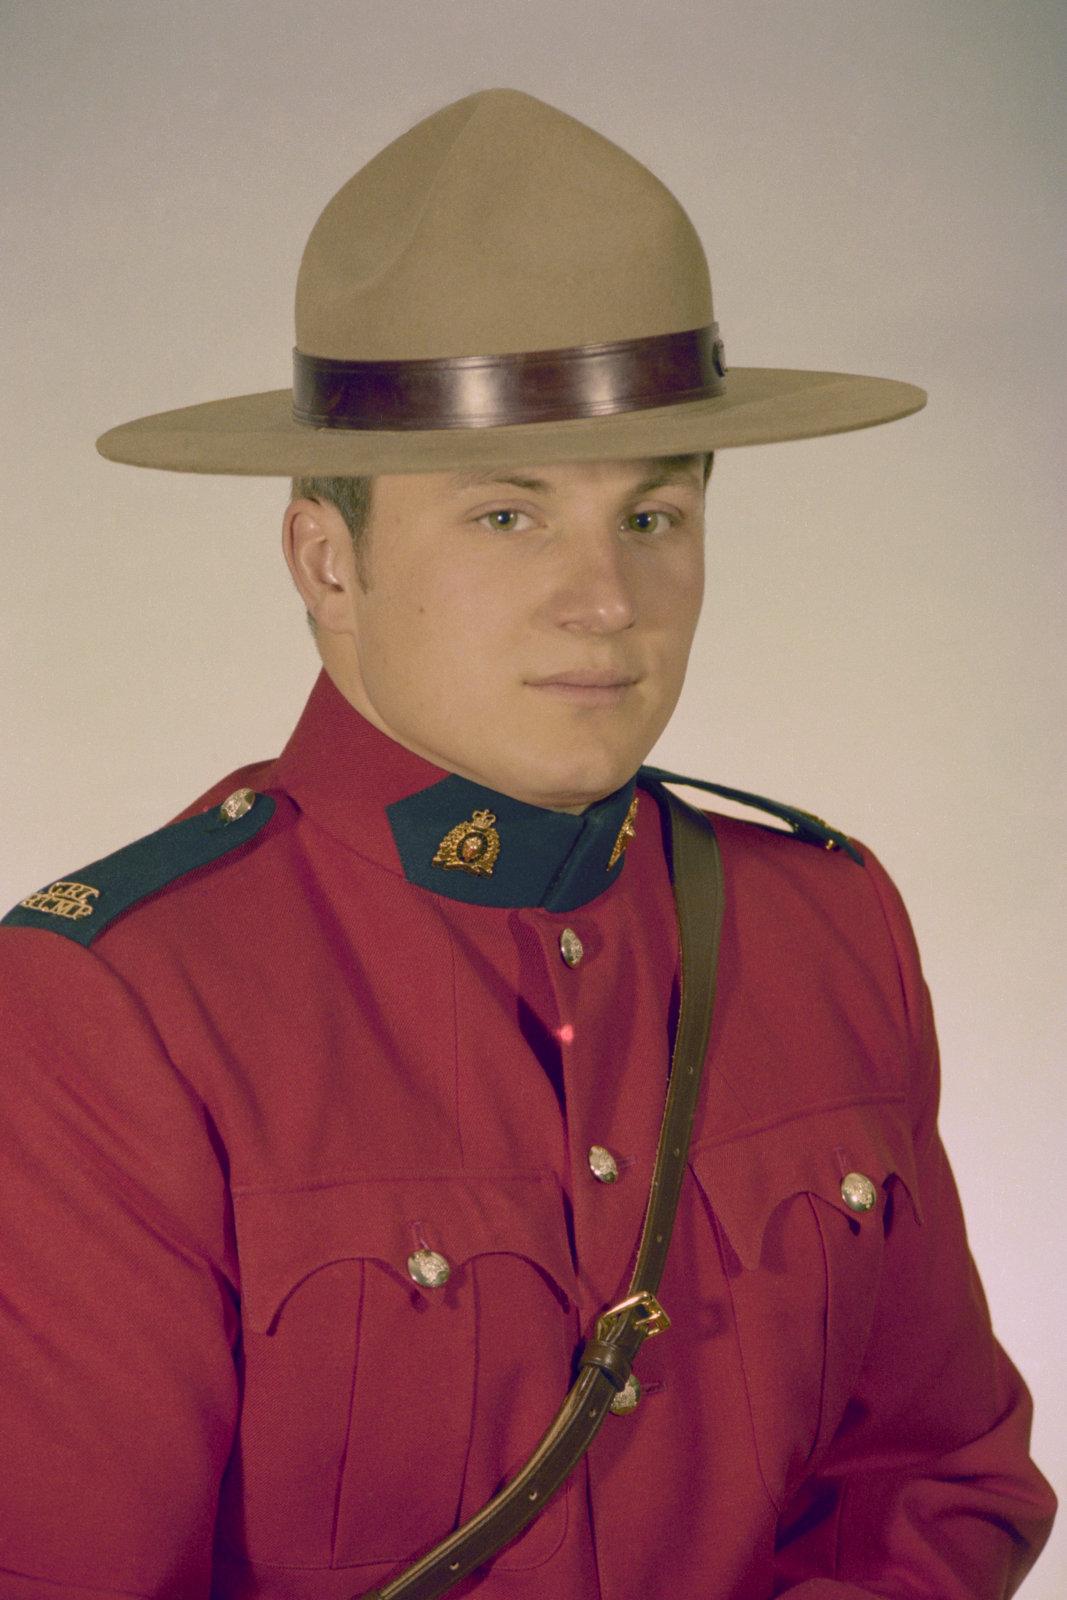 Gendarme Michael Joseph Buday – © Sa Majesté la Reine du chef du Canada représentée par la Gendarmerie royale du Canada